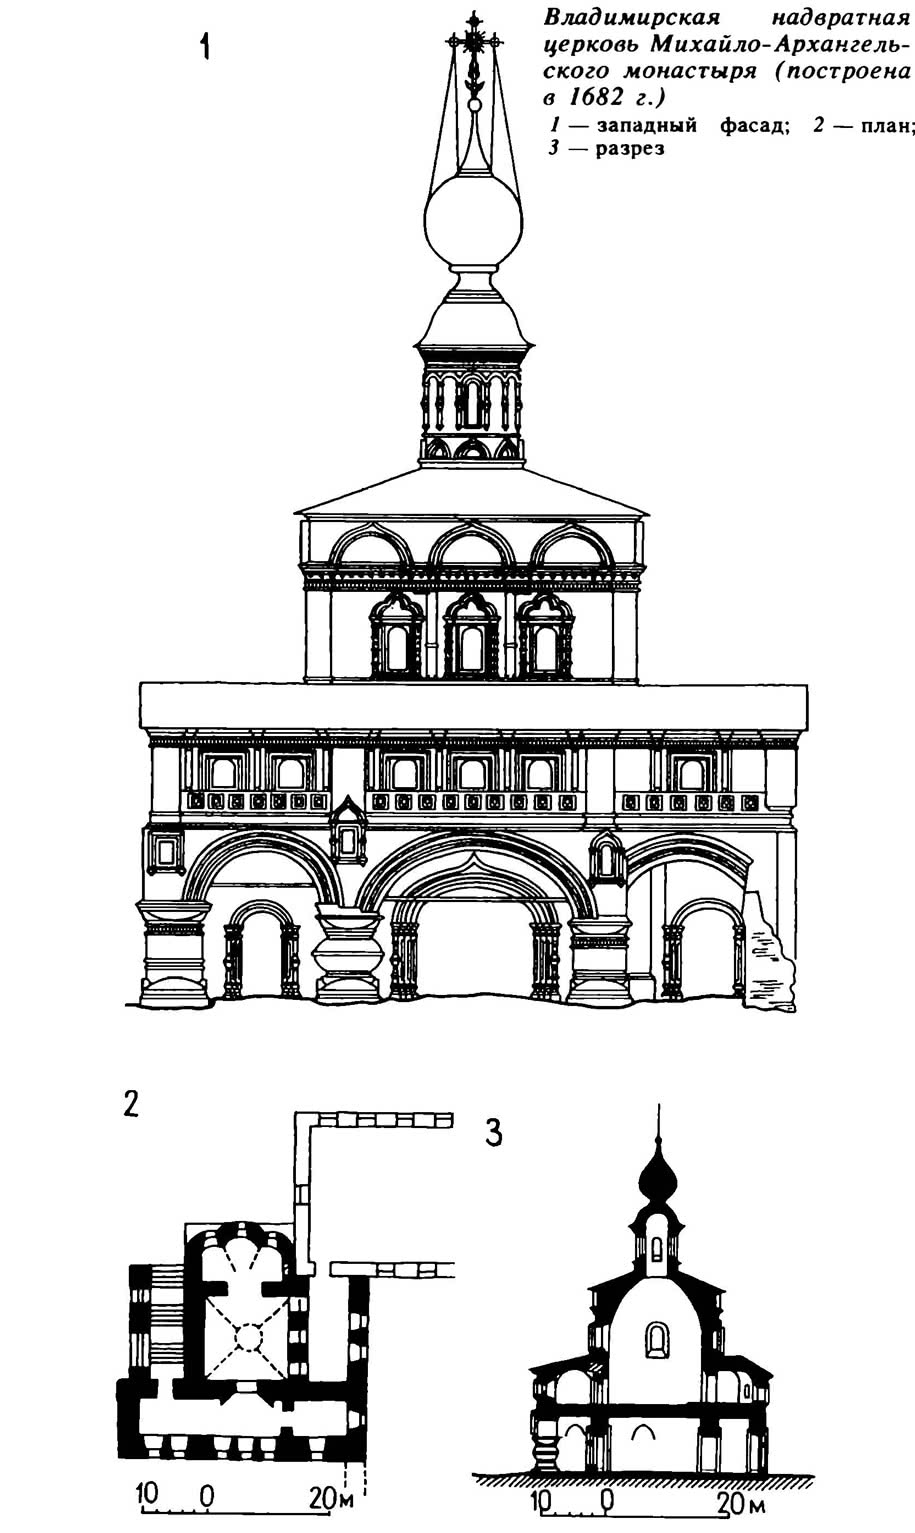 Владимирская надвратная церковь Михайло-Архангельского монастыря (построена в 1682 г.)